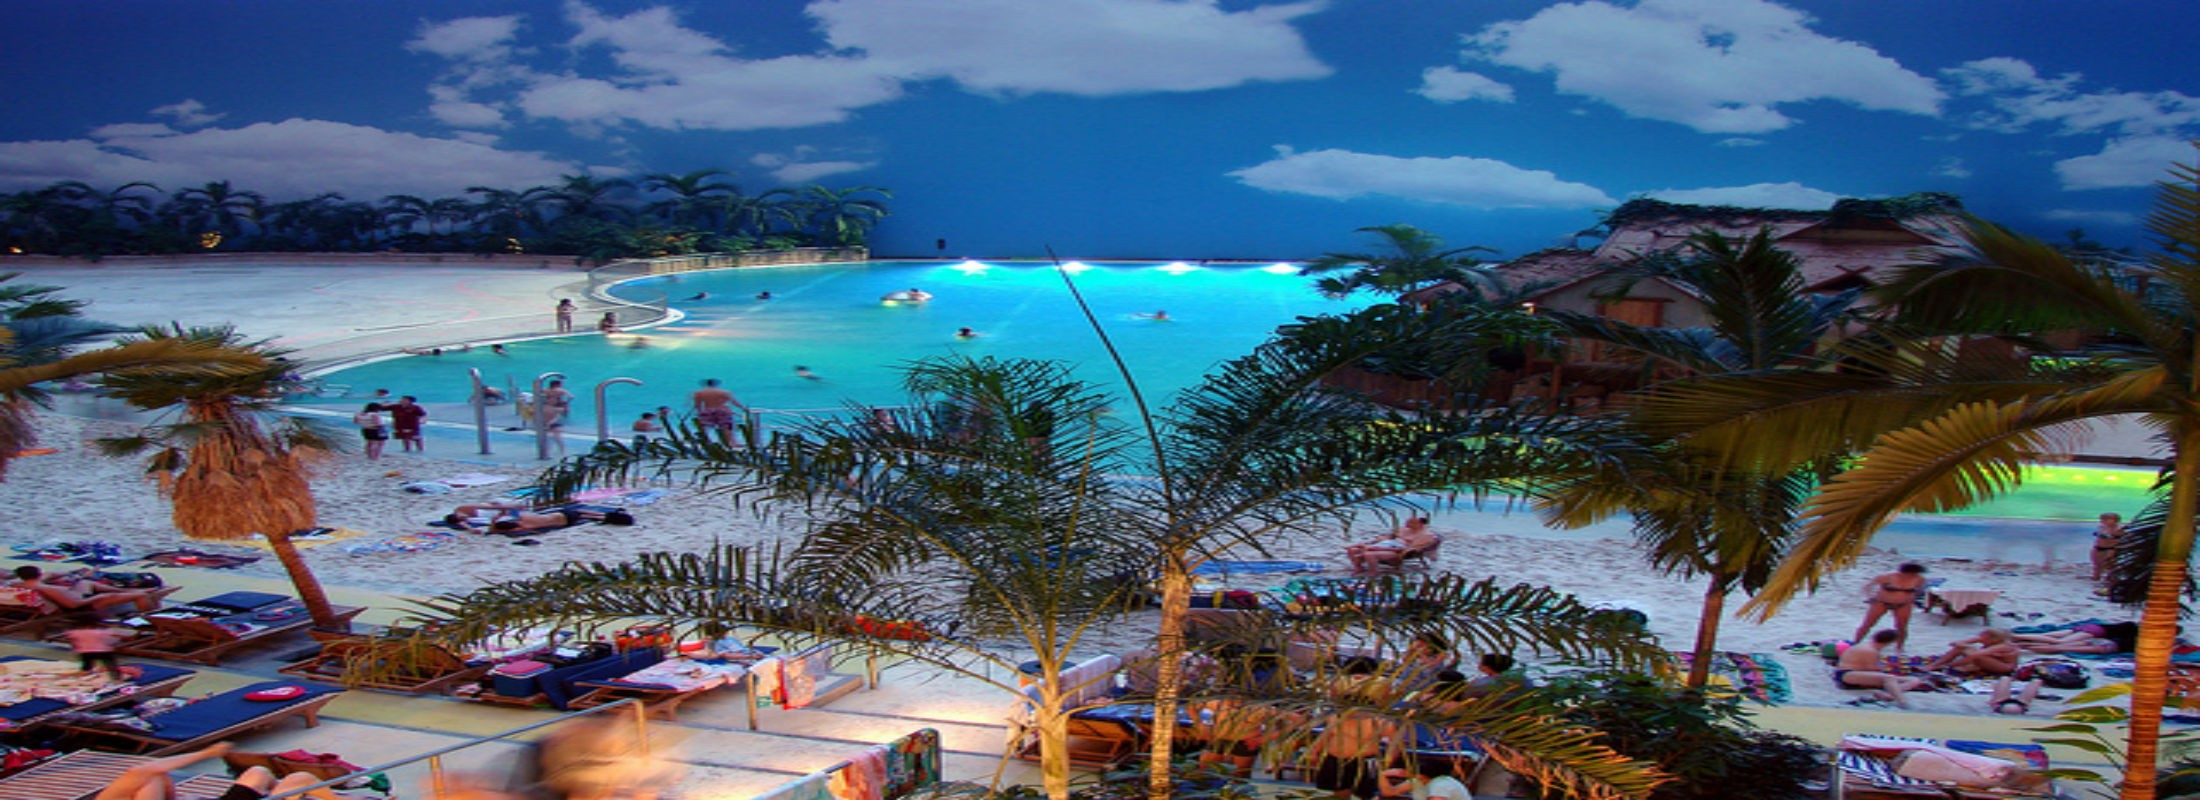 Аквапарк  Tropical Islands